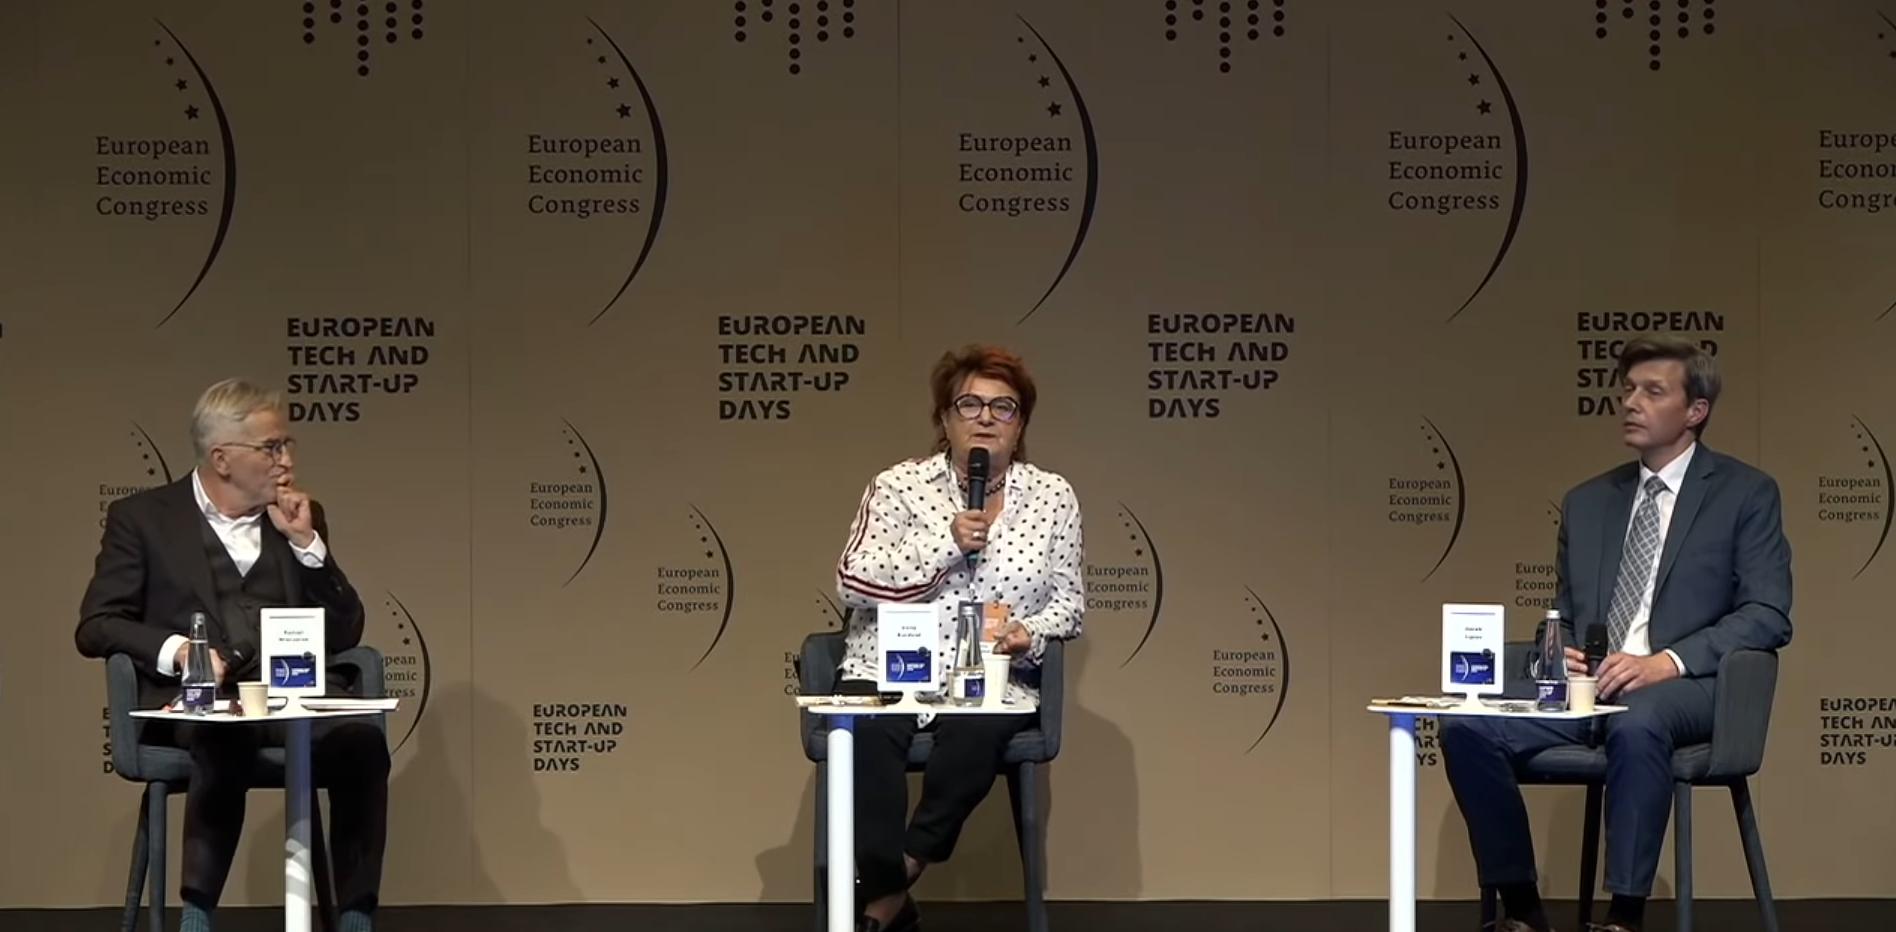 """Sesja """"Budowanie firmy wielopokoleniowej"""" odbyła się w formule hybrydowej, jak cały Europejski Kongres Gospodarczy 2020. Część panelistów łączyła się z Katowicami za pośrednictwem internetu. (fot. PTWP)"""